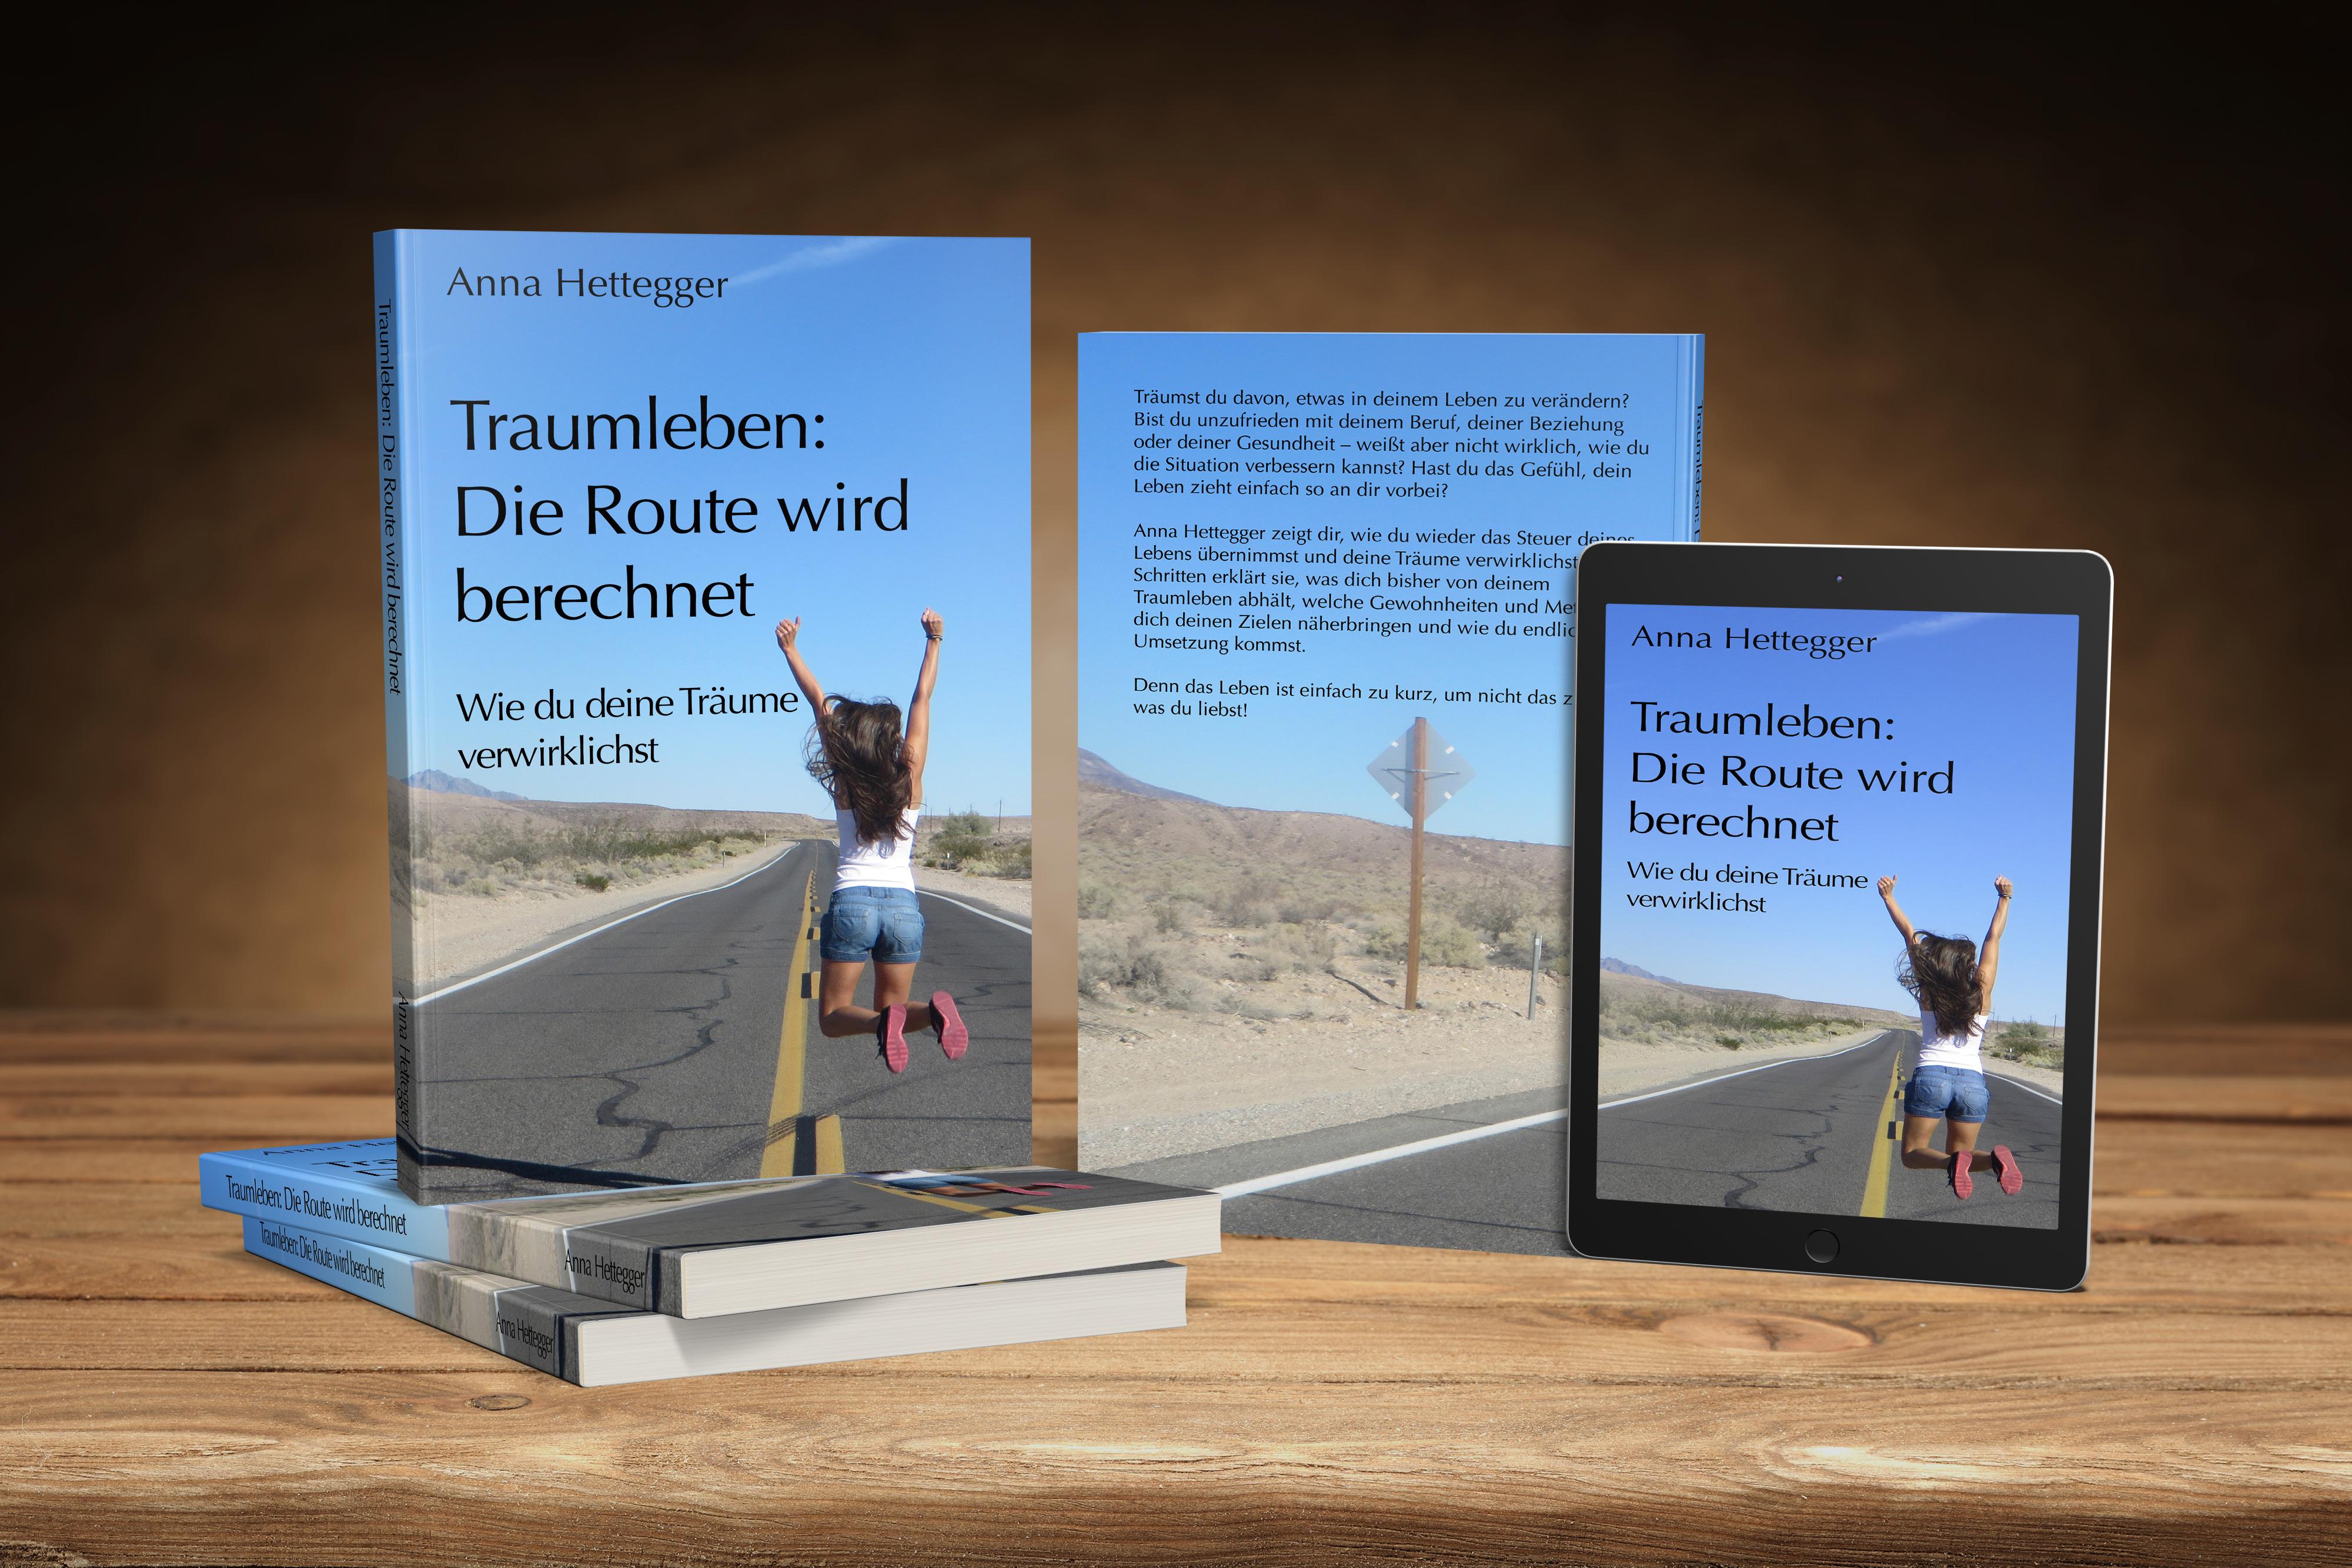 """Es ist so weit: Mein Buch """"Traumleben: Die Route wird berechnet"""" ist erschienen! Hier kannst du einen Blick ins Buch werfen oder es direkt kaufen."""